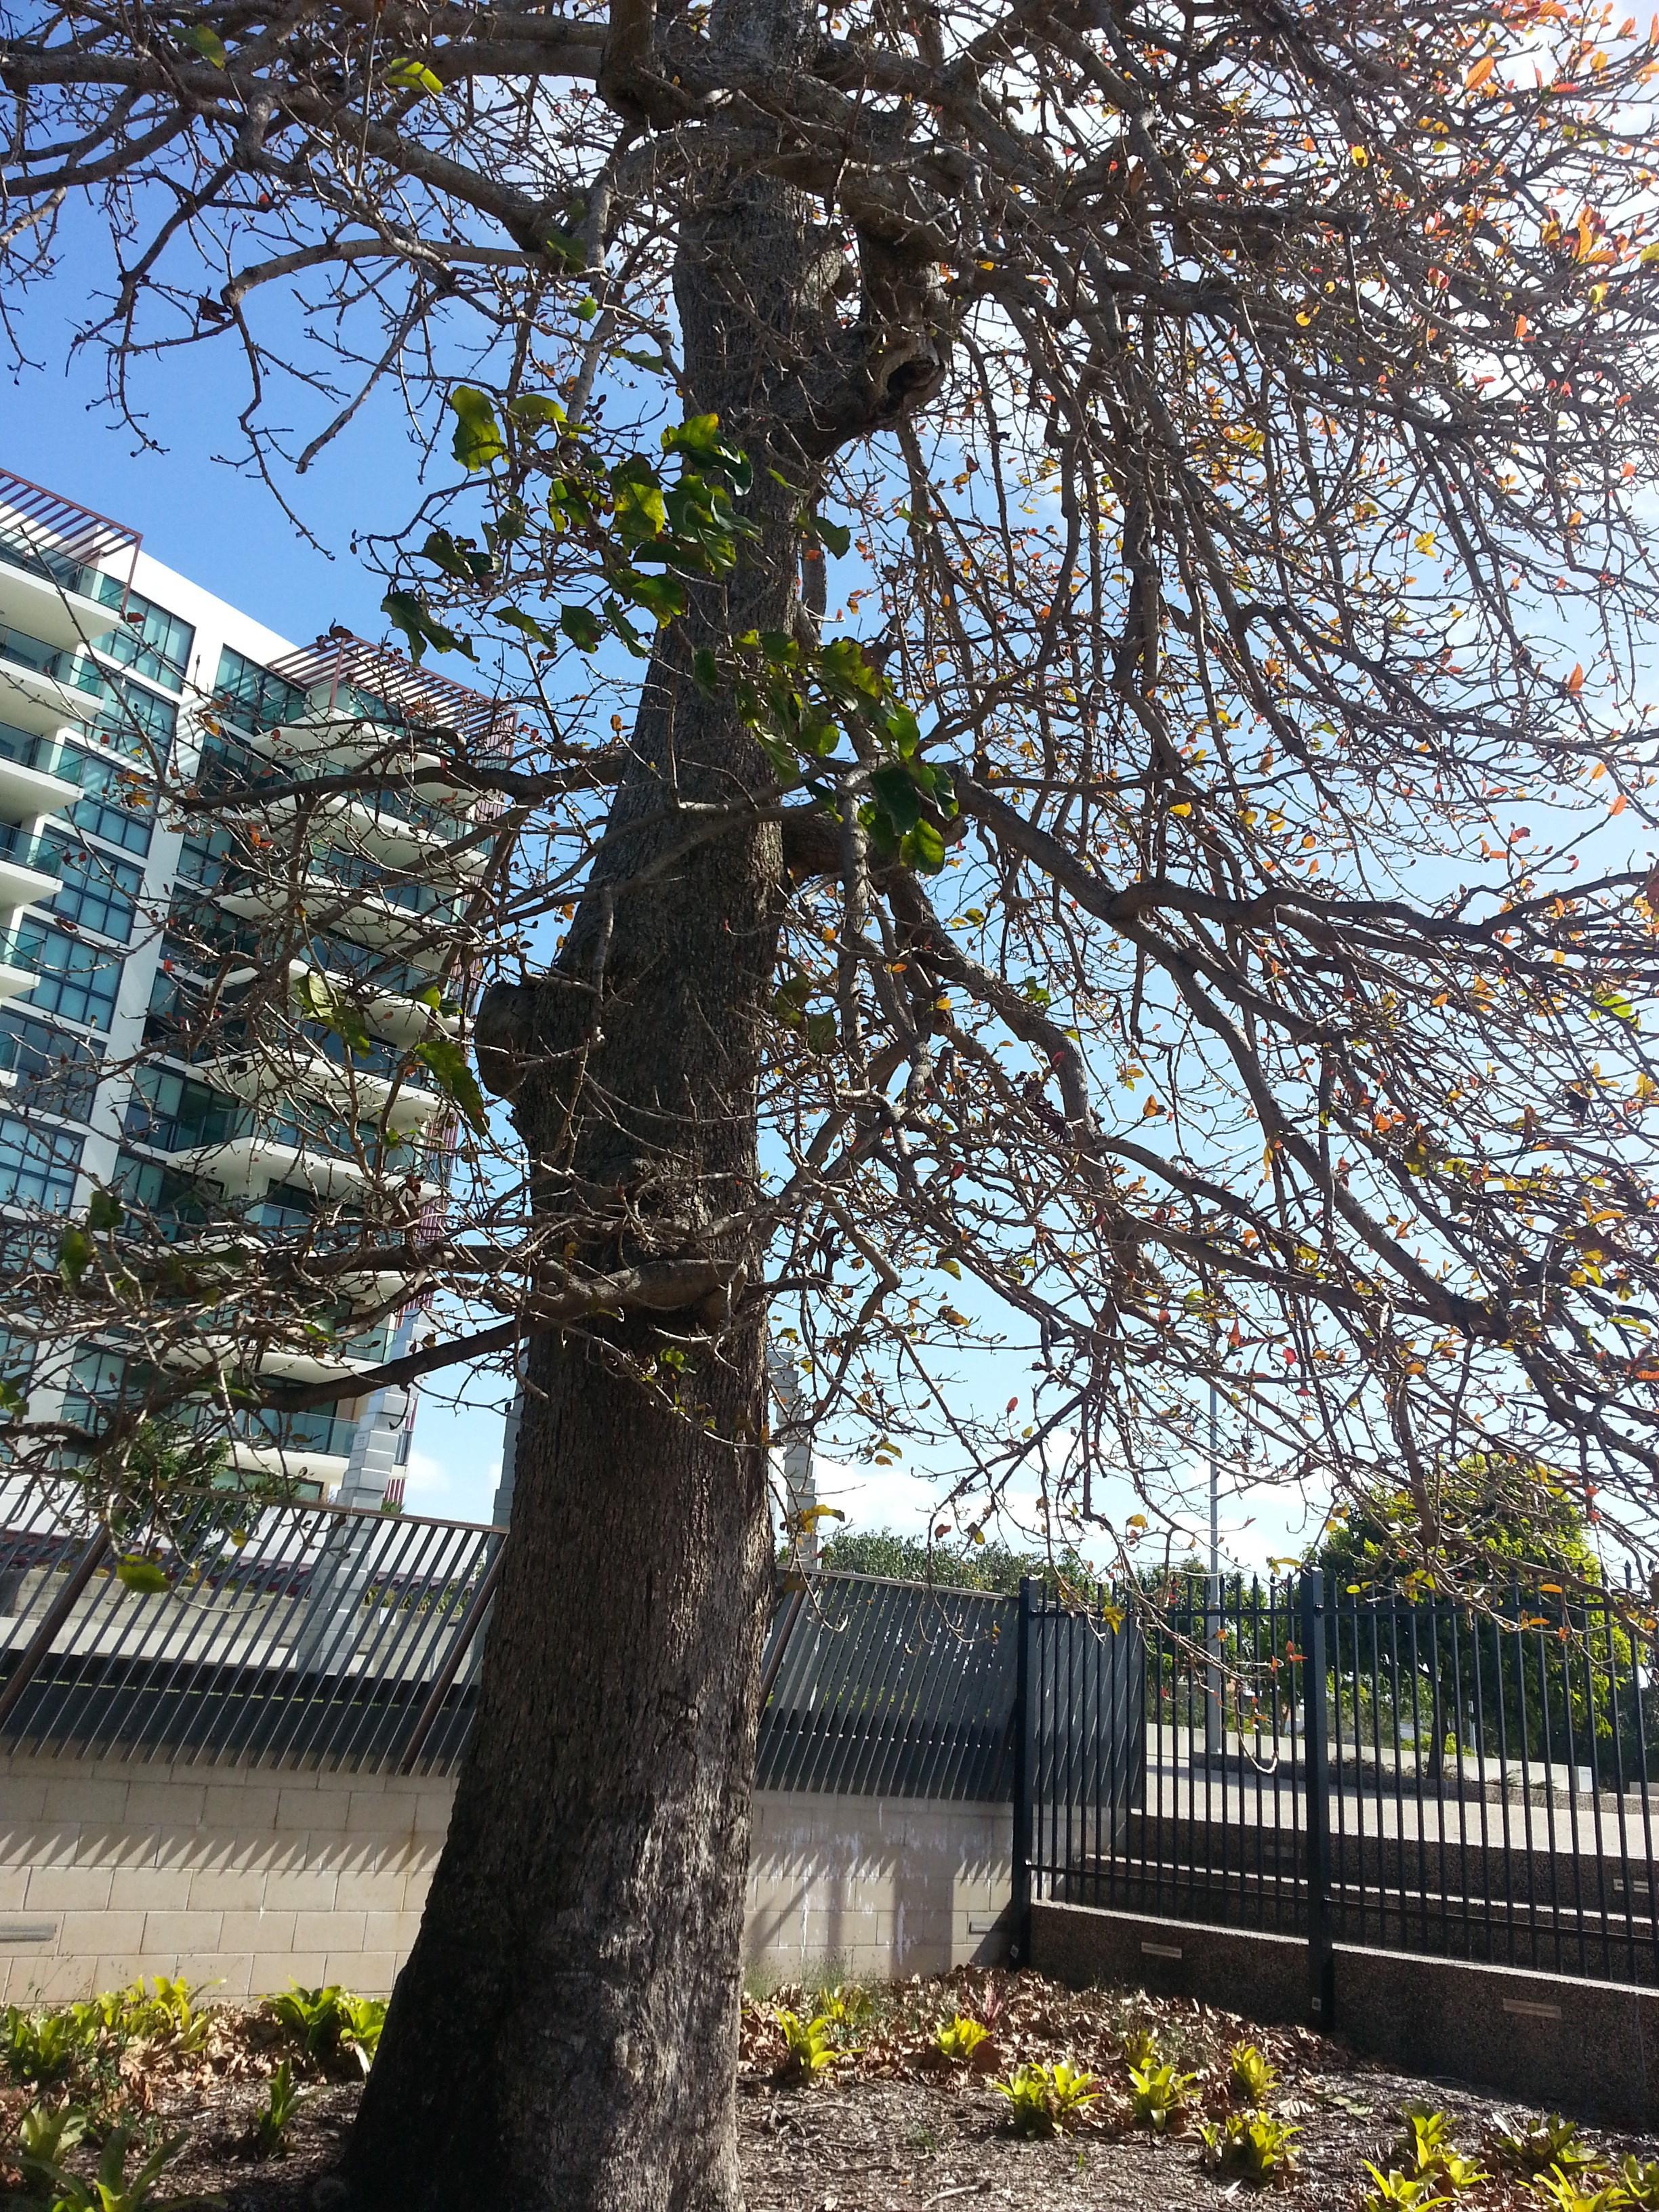 The Leichhardt Tree